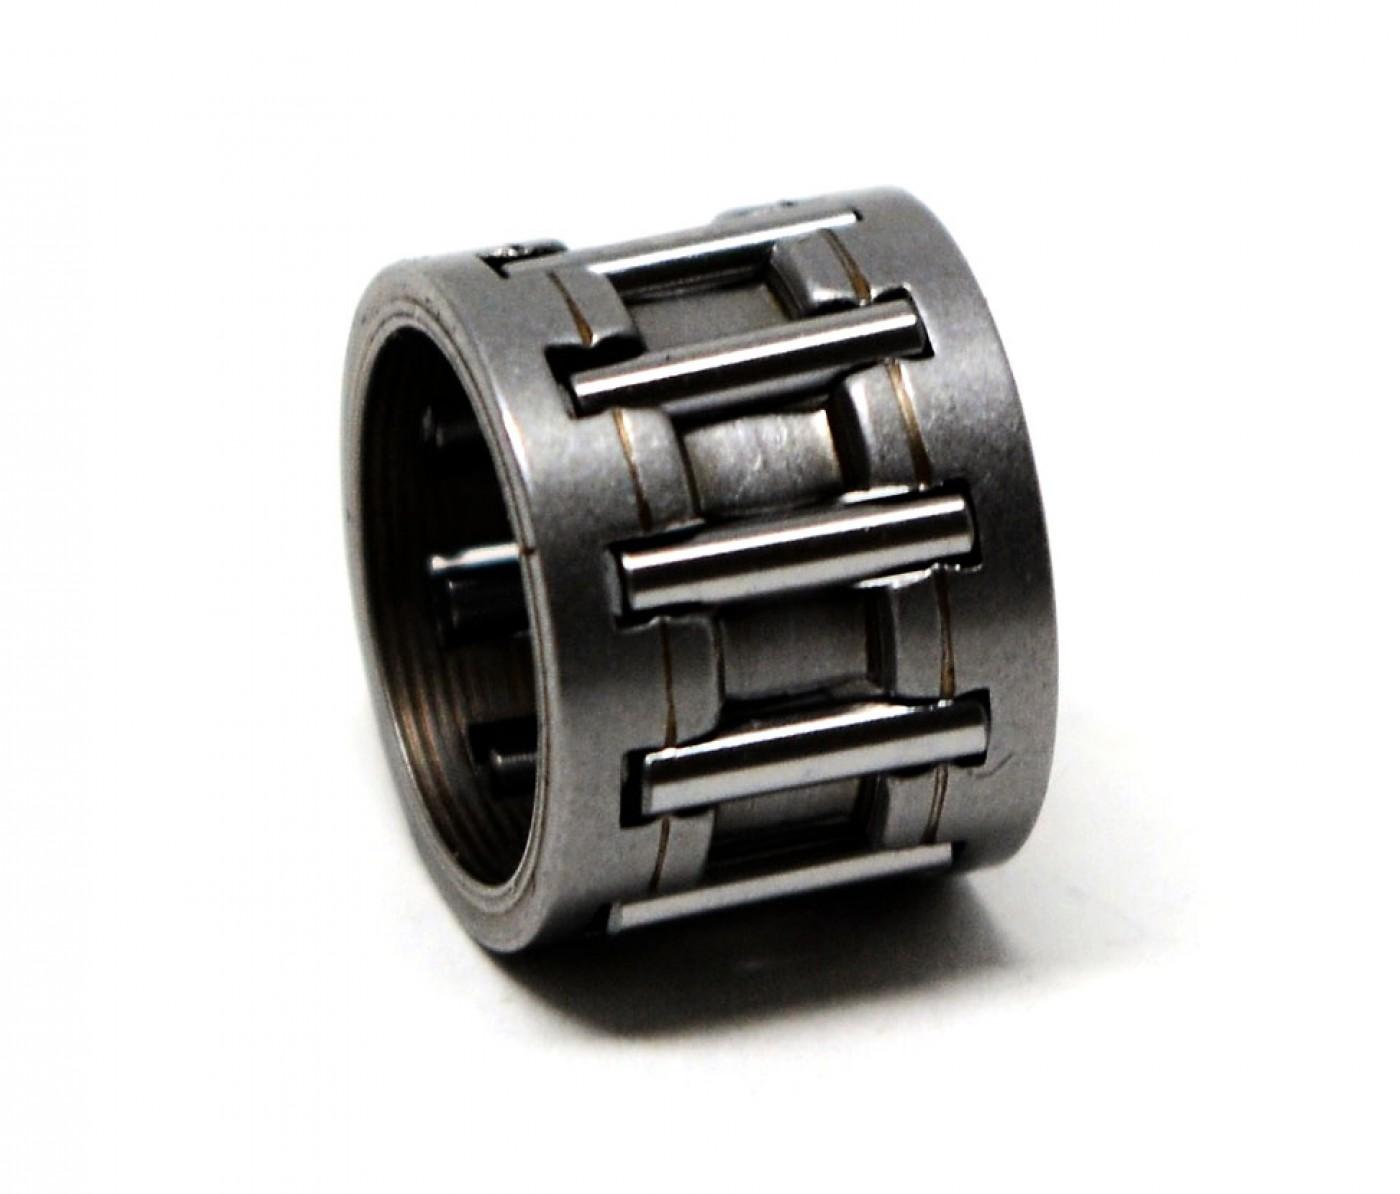 Ložisko řetězky MS 019 190